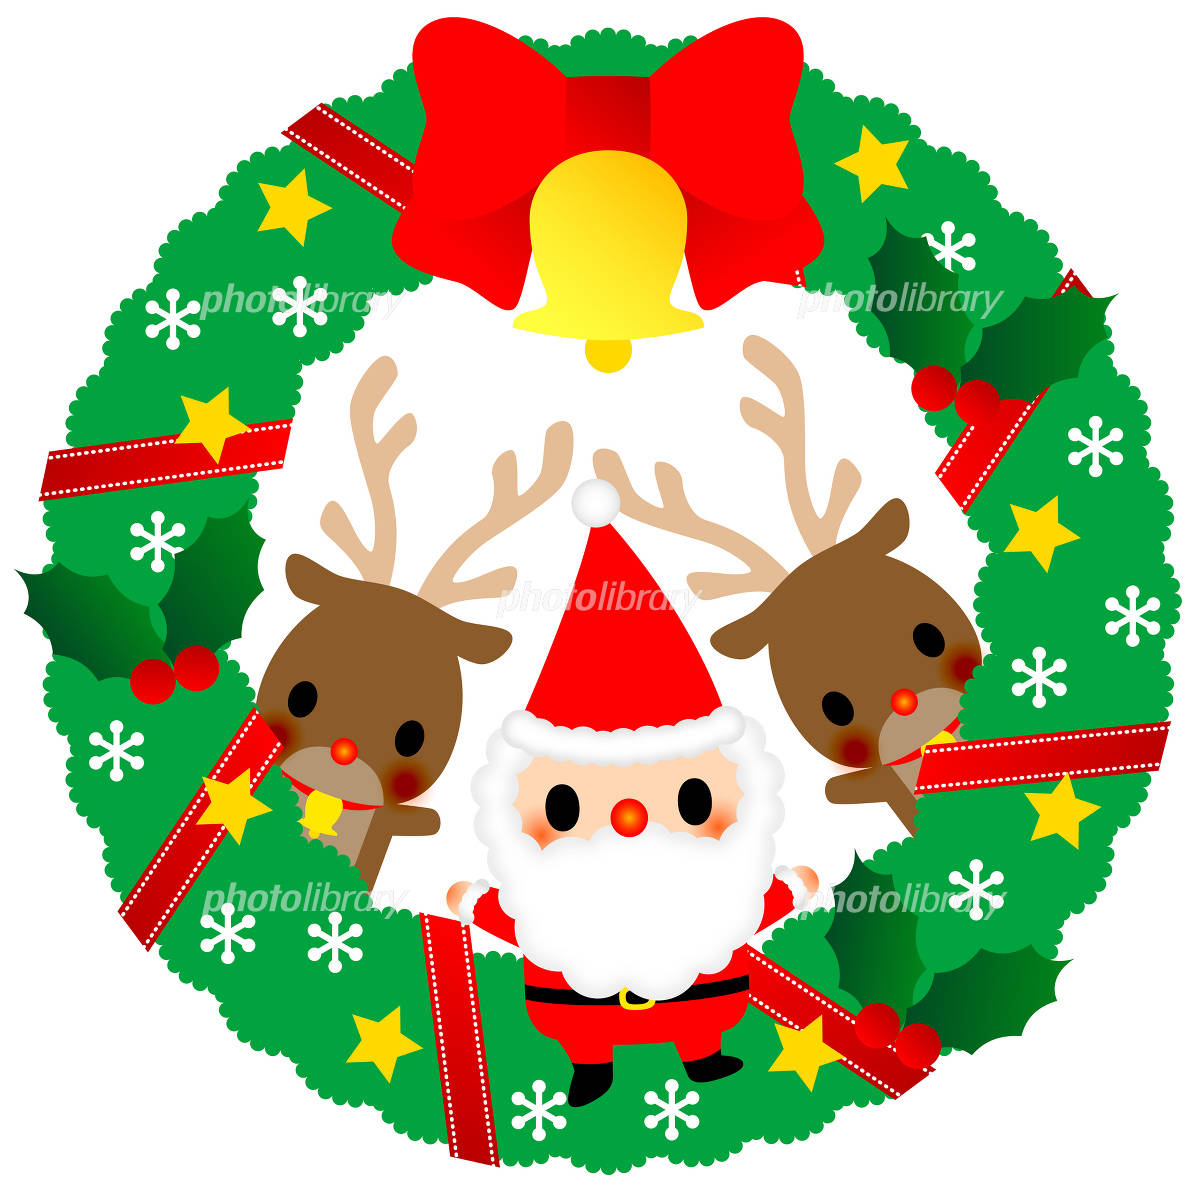 クリスマスリース イラスト素材 1041069 フォトライブラリー